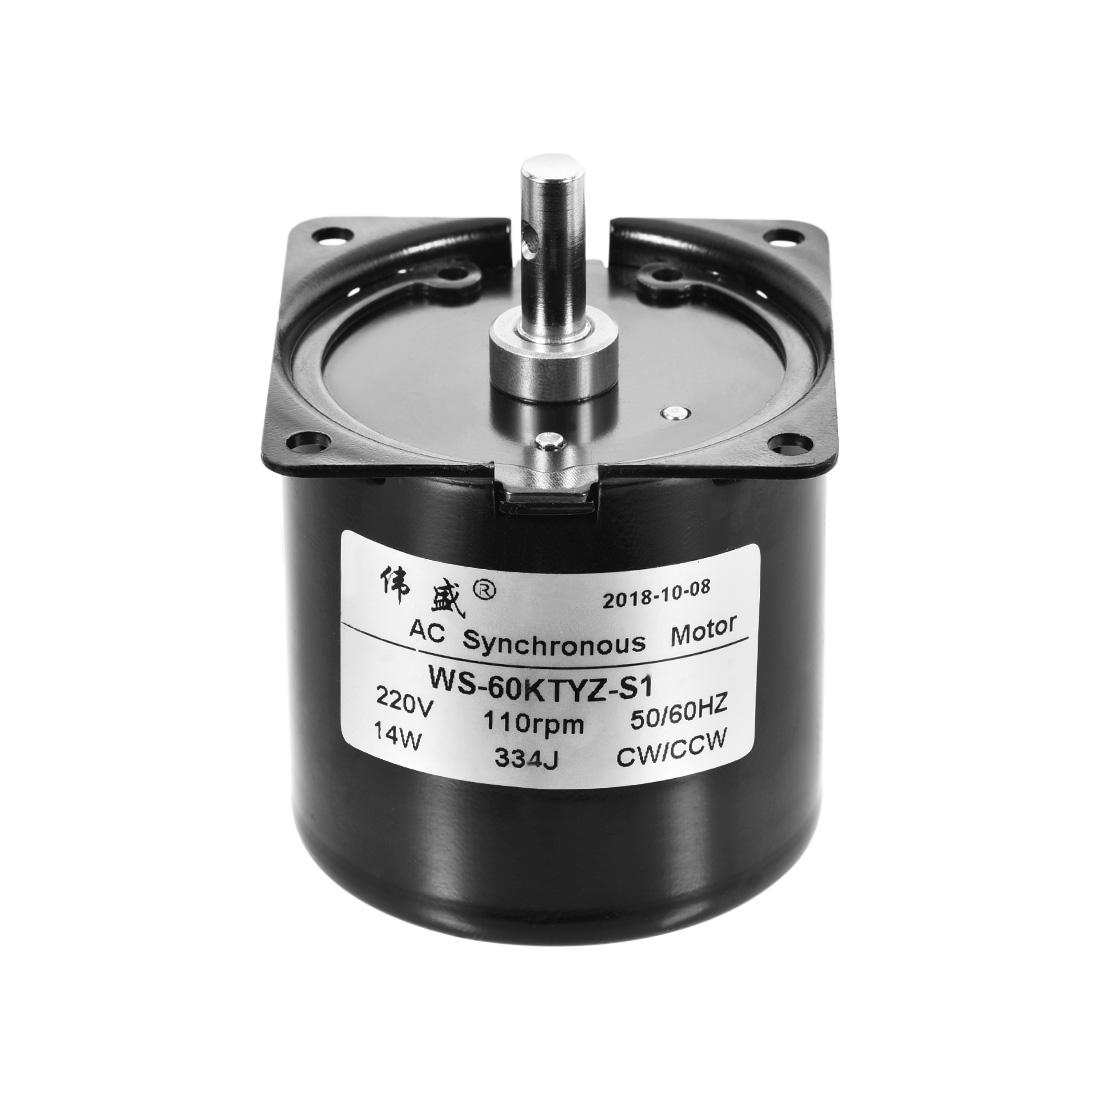 WS-60KTYZ-S1 AC Synchronous Gear Motor 220V 110RPM 14W CW/CCW